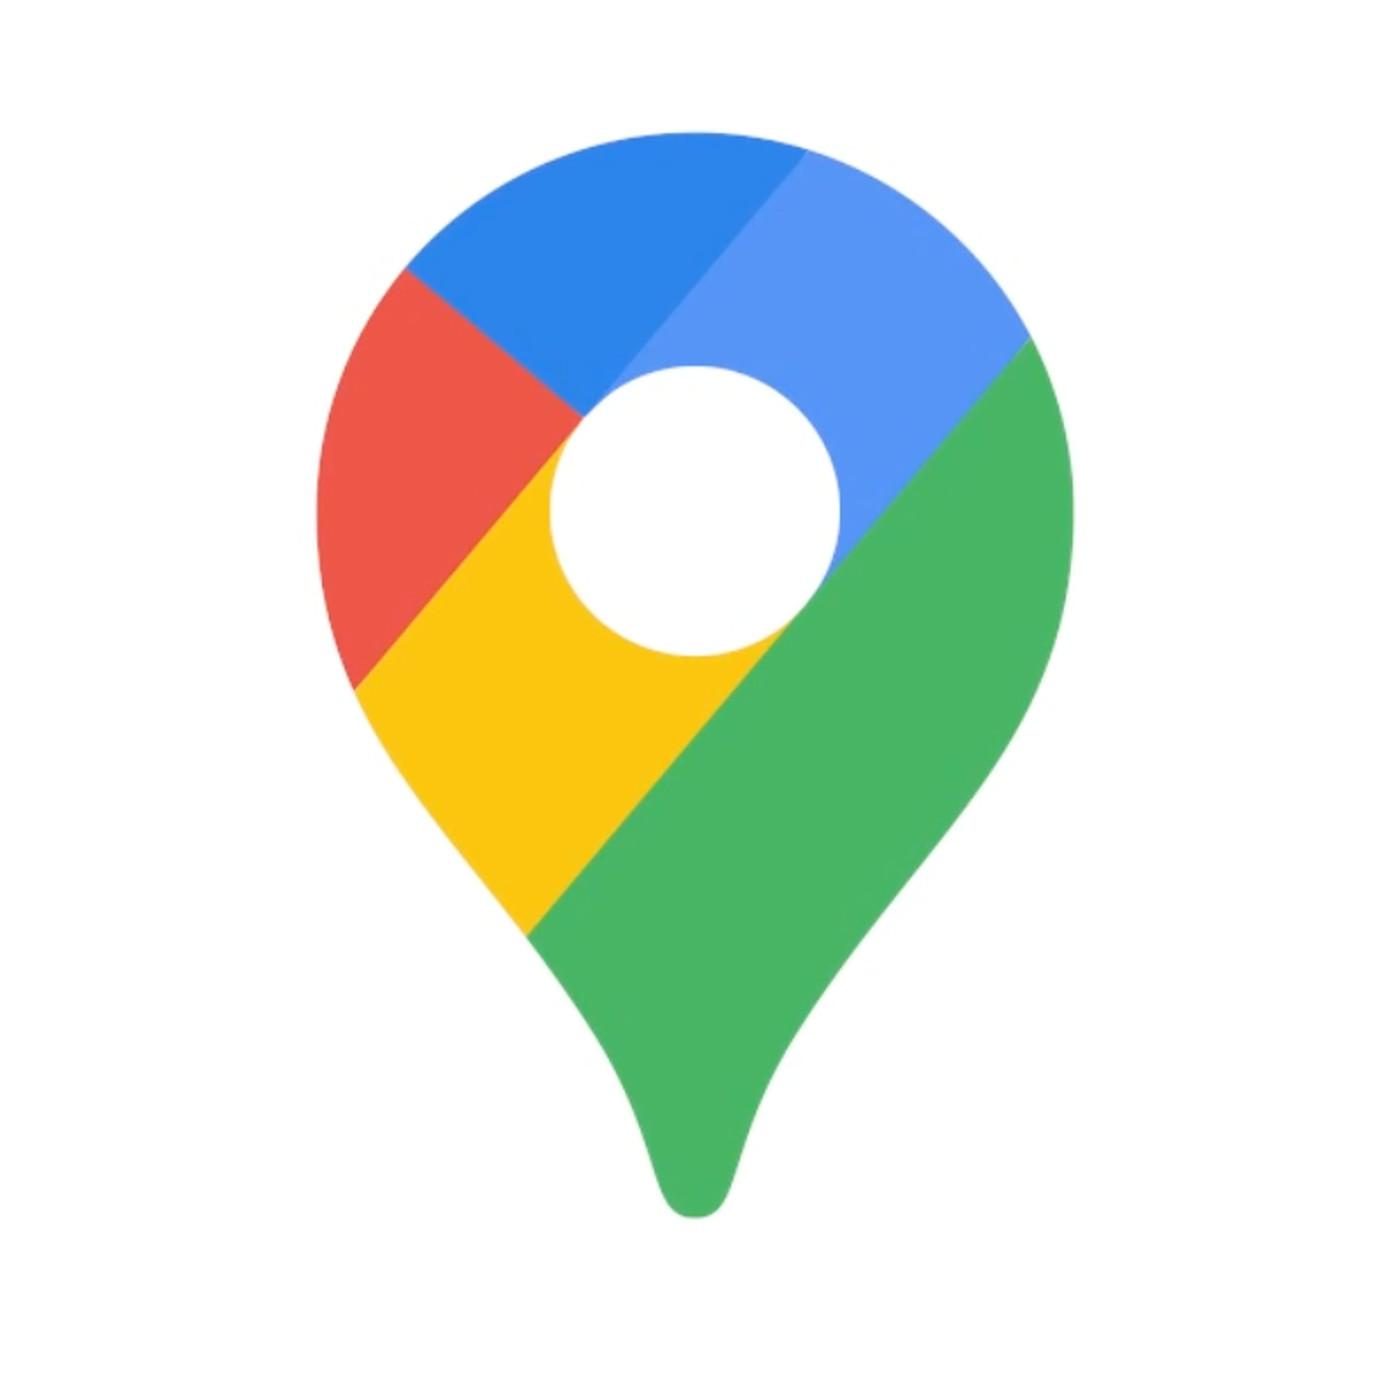 دانلود Google Maps 10.40.2 برنامه مشاهده نقشههای گوگل